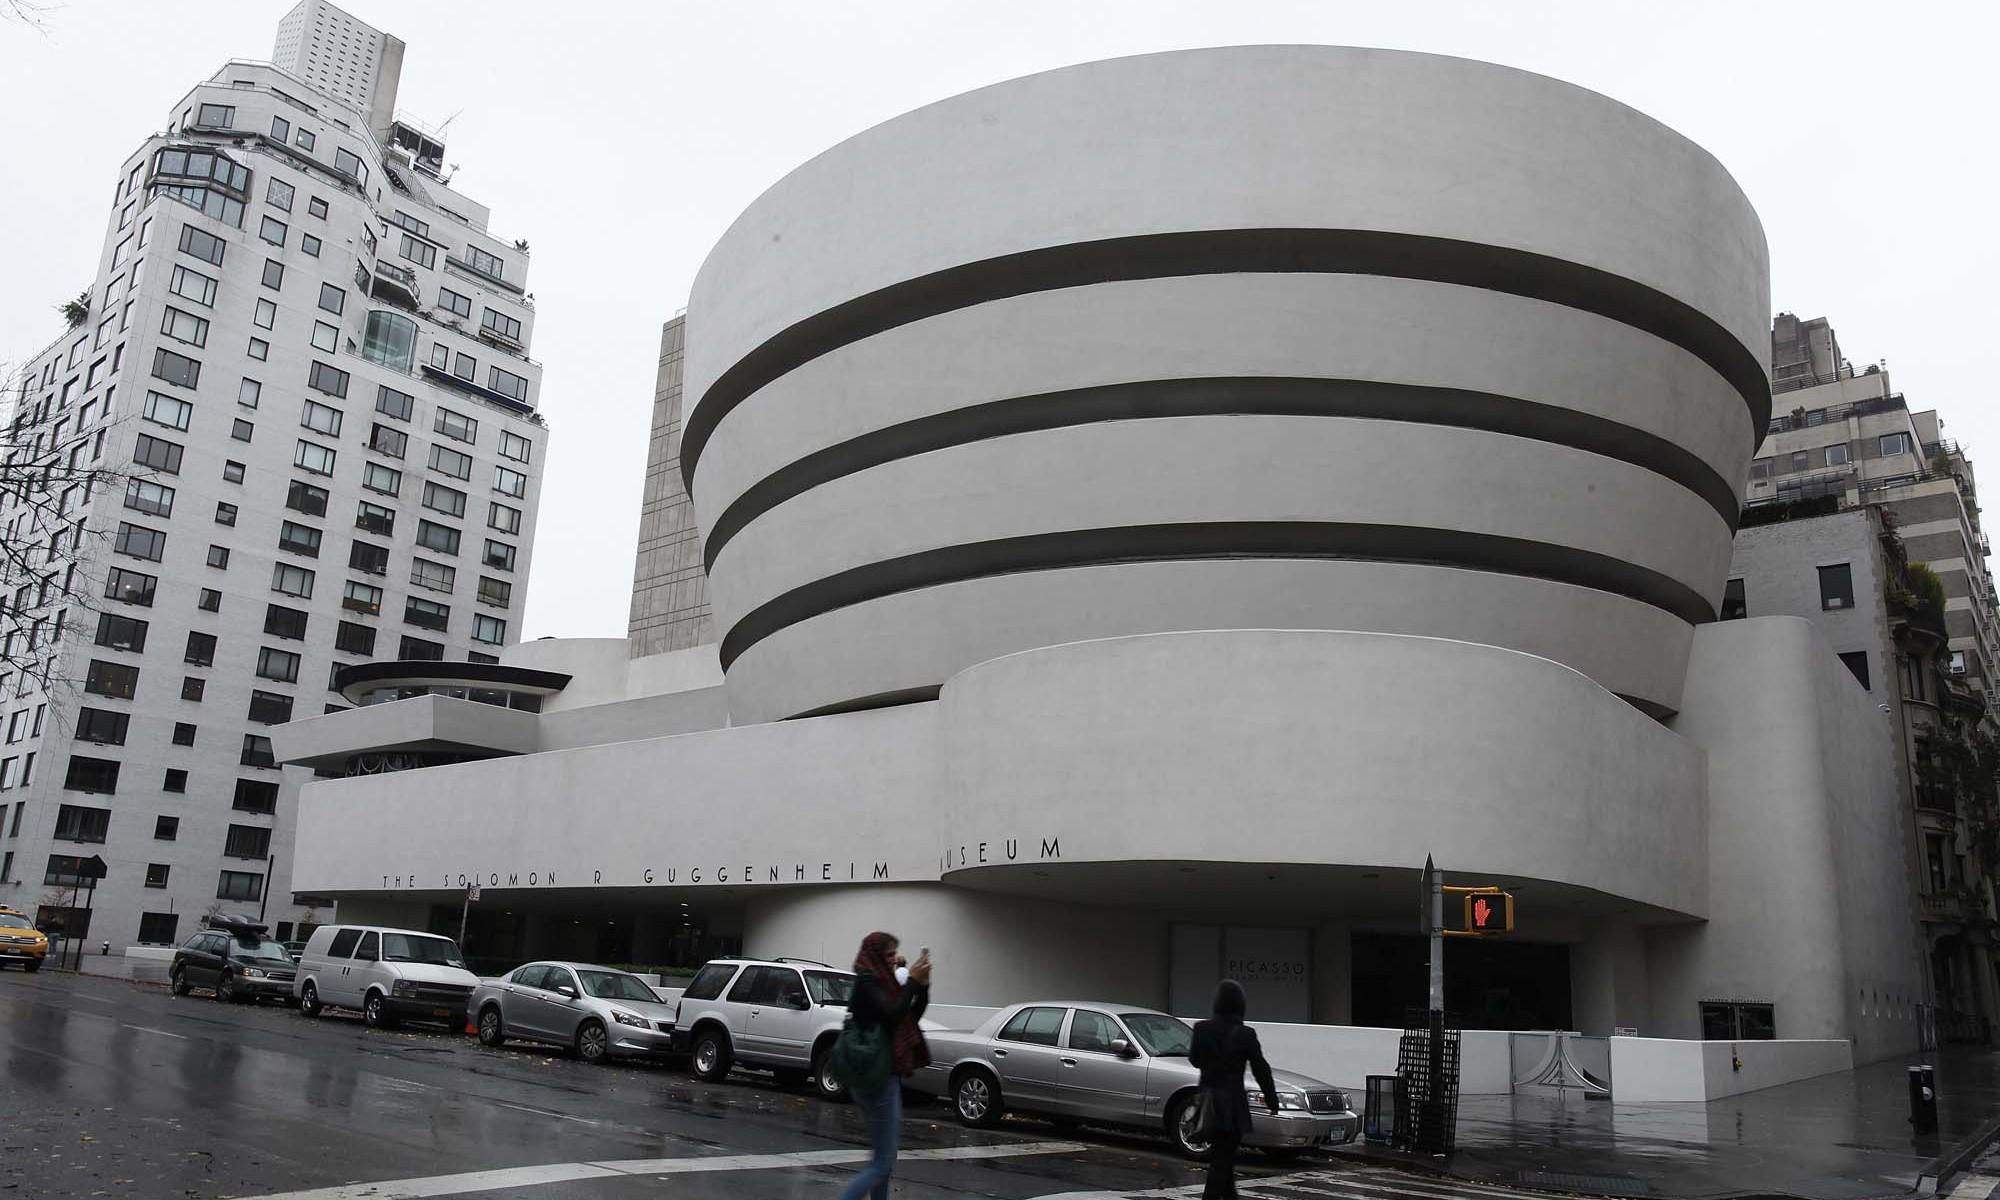 Fellowship: Guggenheim Museum